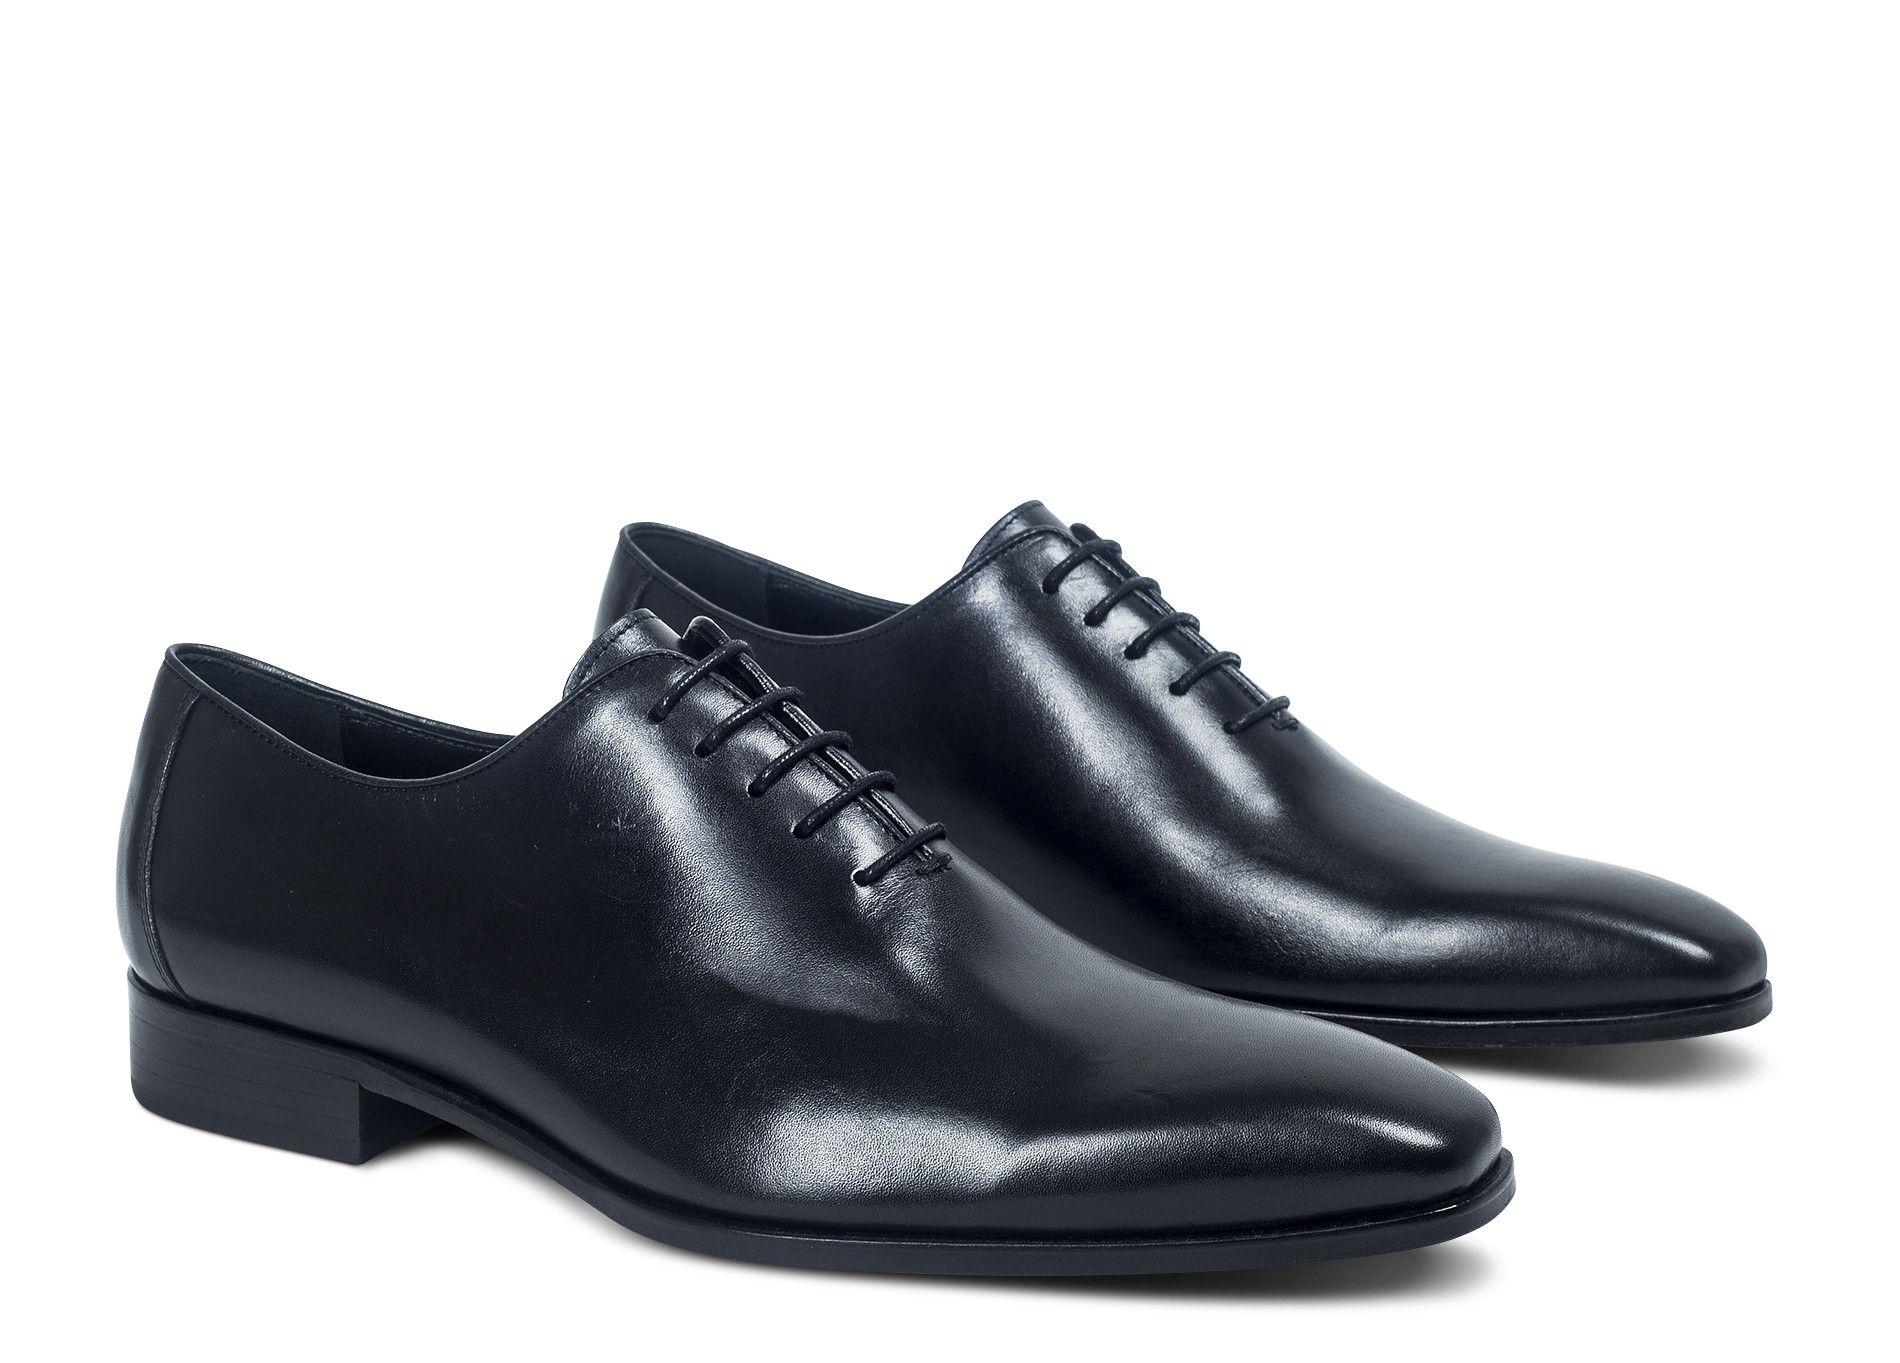 André VASSILI | André chaussures, Chaussures habillées